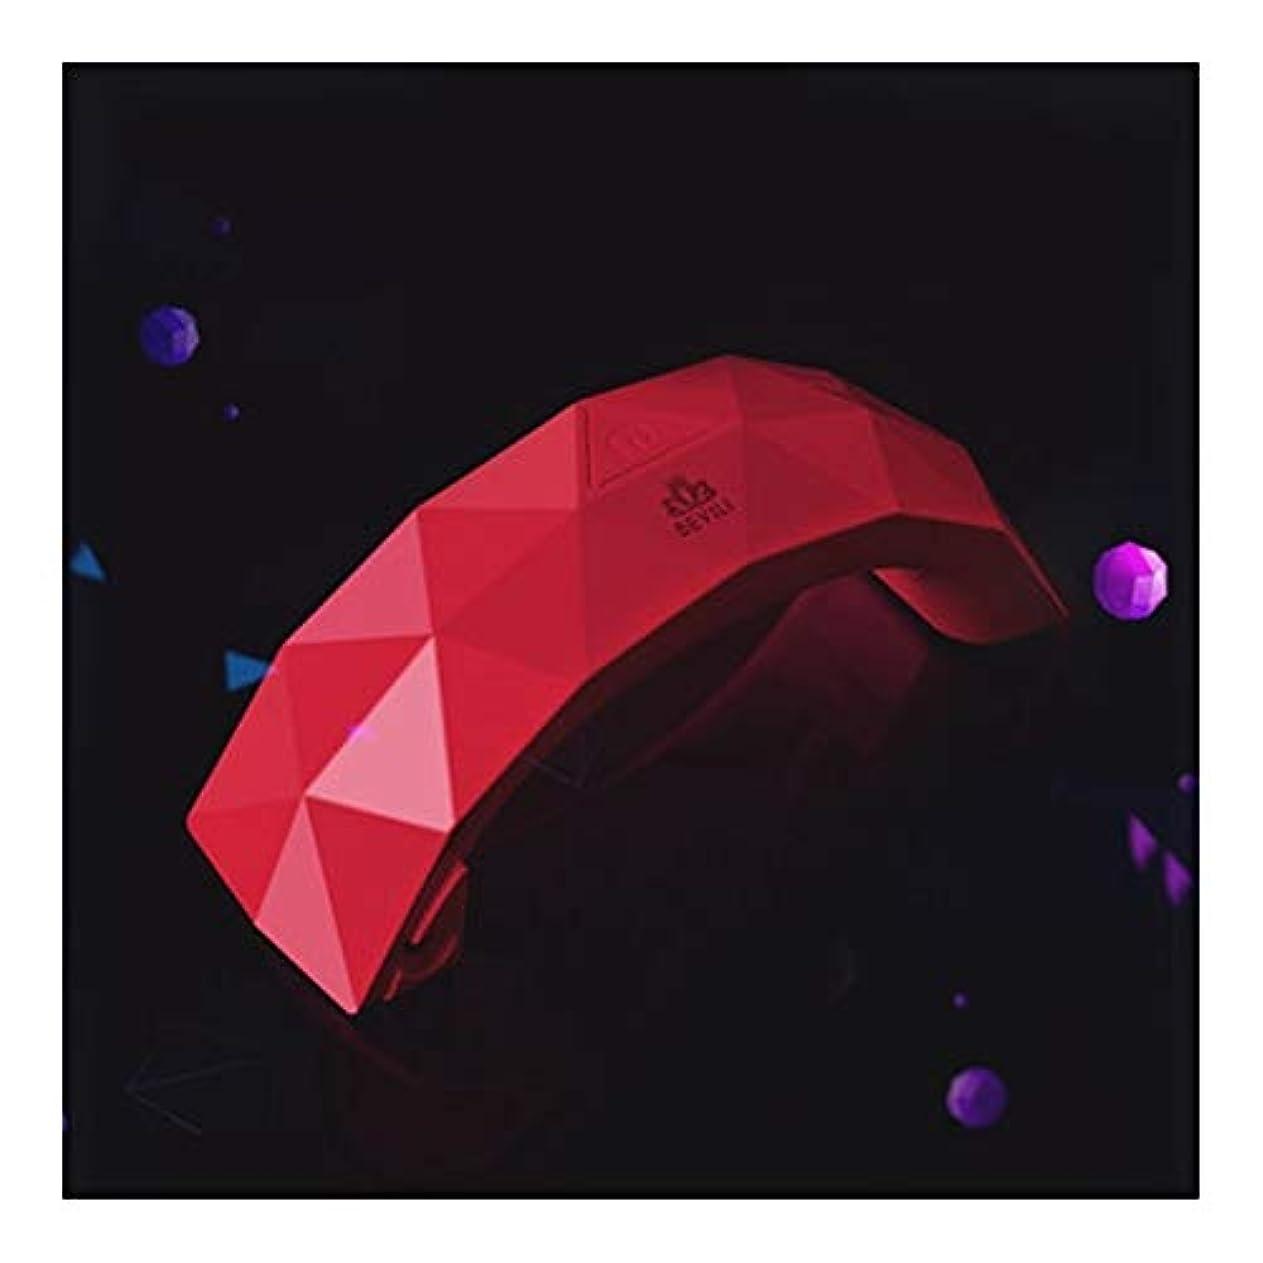 部比較的キャラクターLittleCat ミニLEDレインボーライトセラピーランプジェルネイルポリッシュネイルズネイルドライヤーの熱ランプライト療法機械 (色 : 赤)